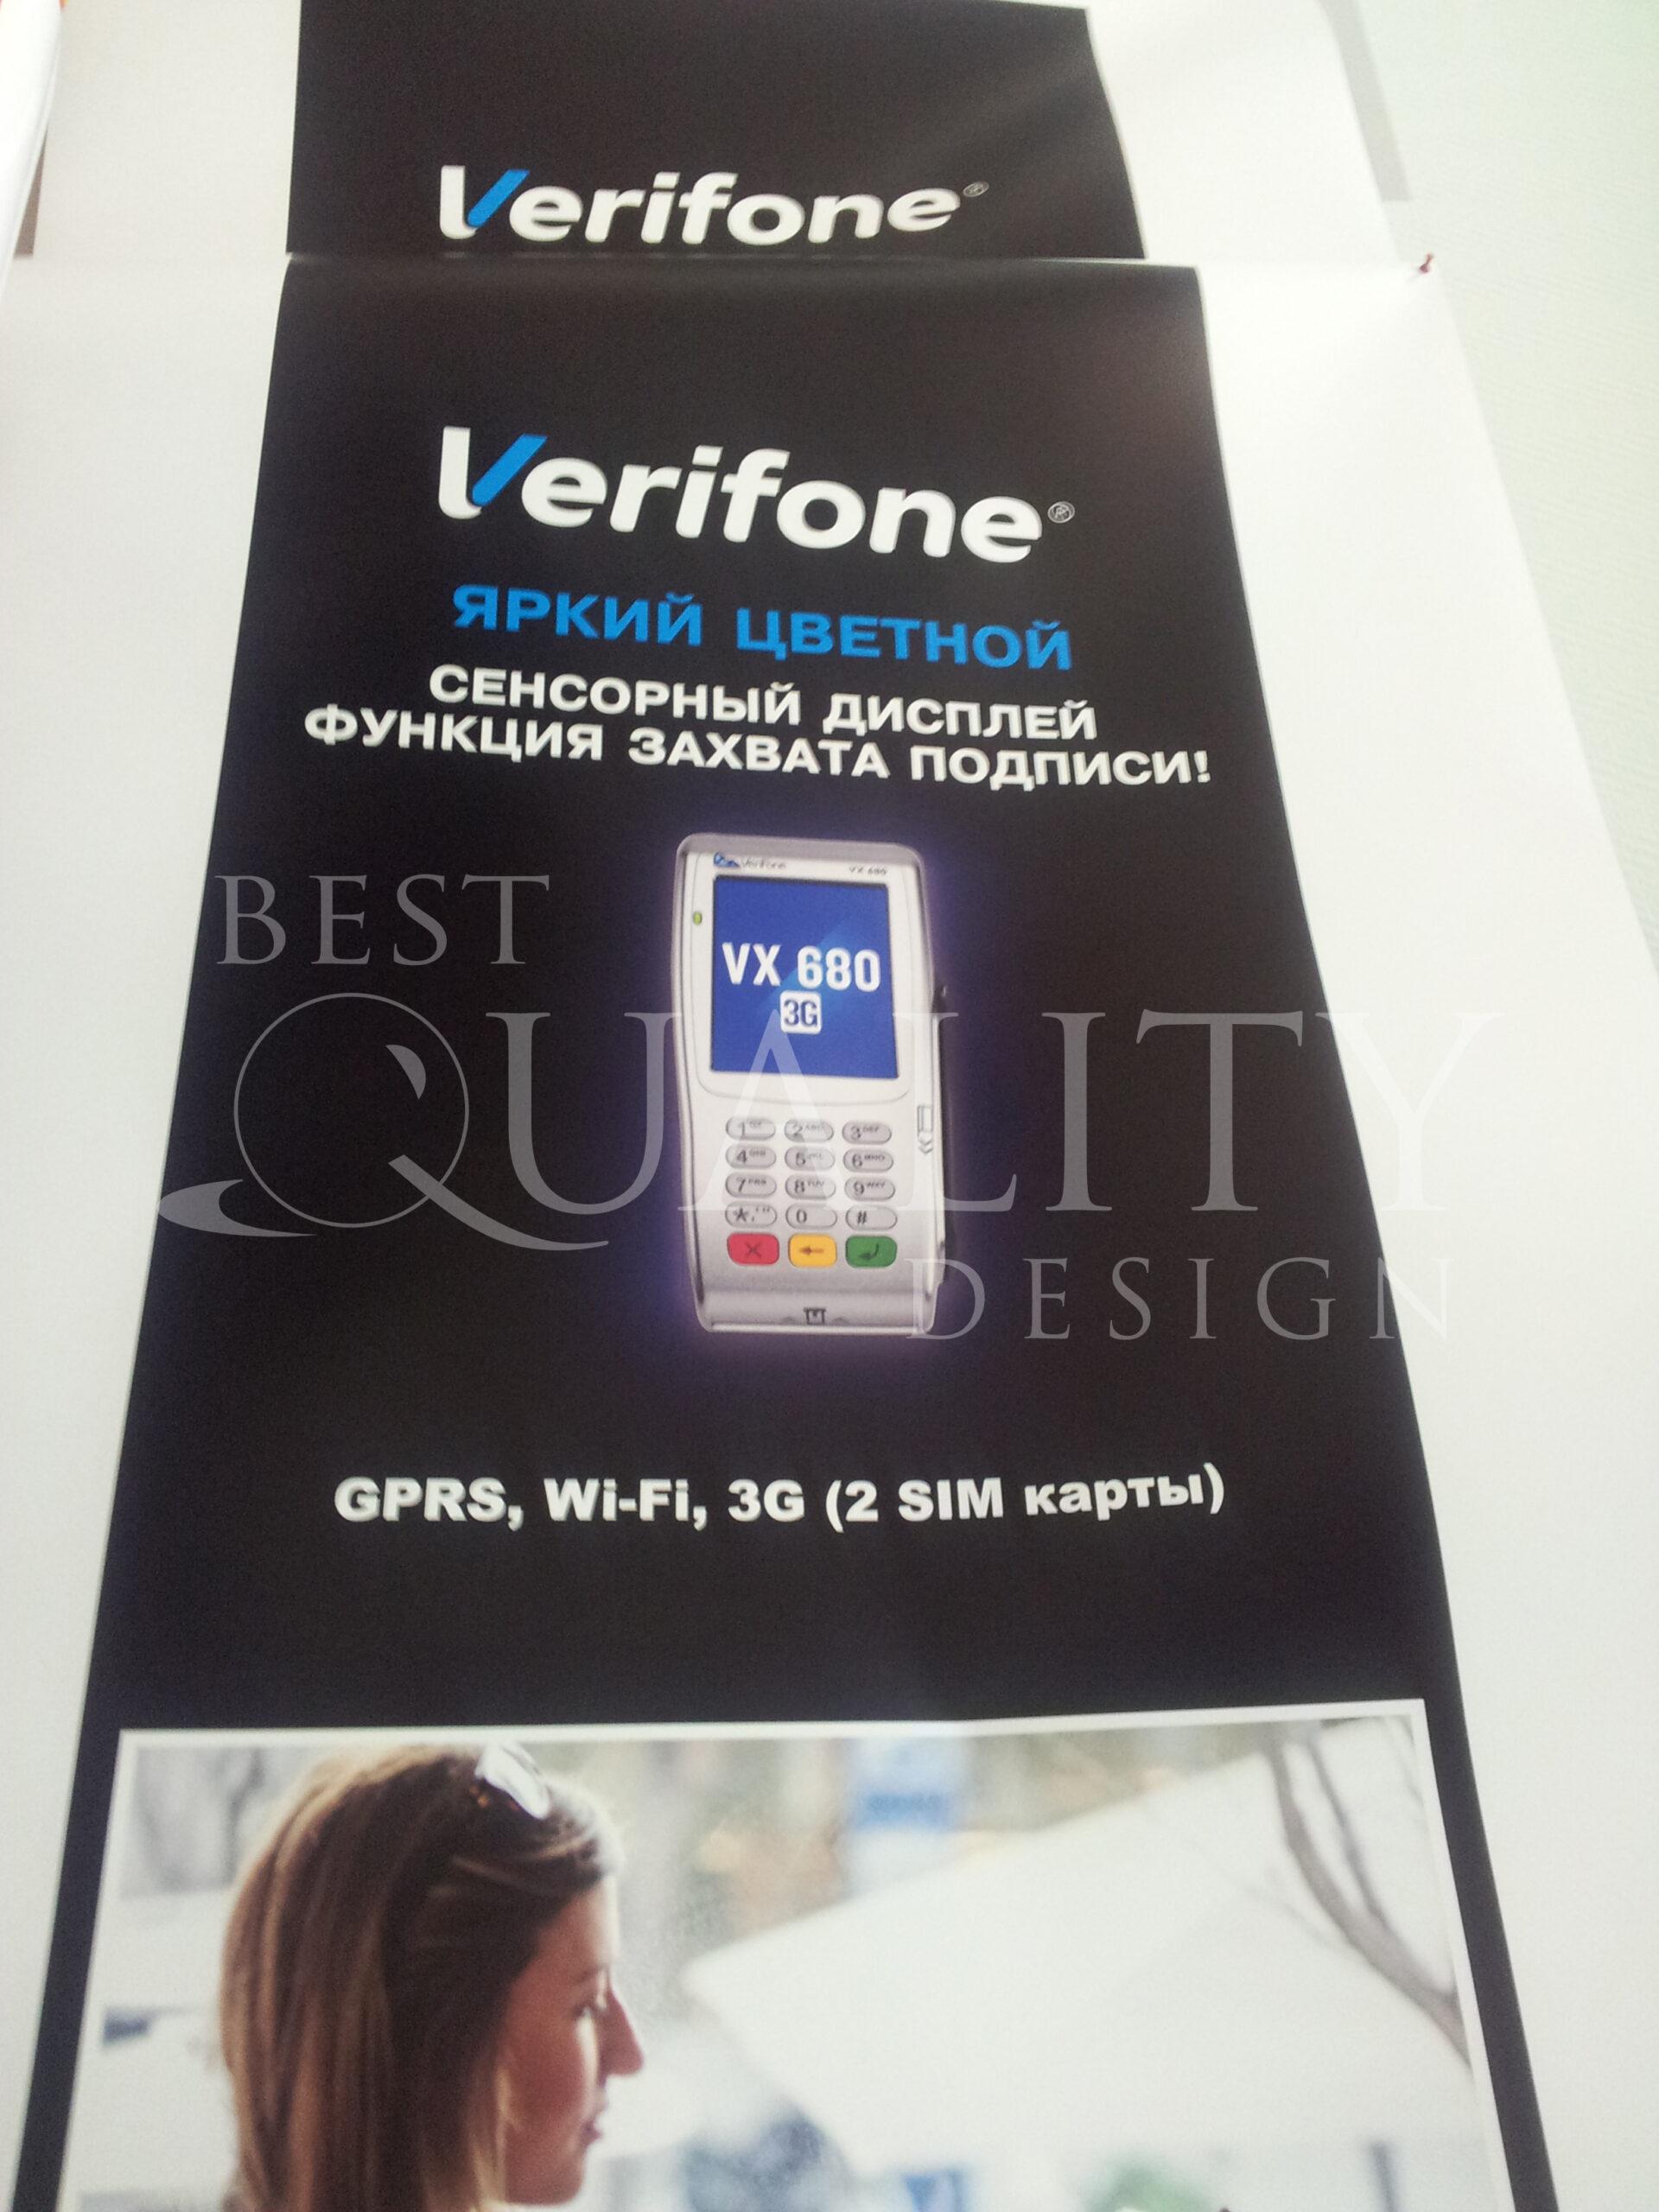 Изготовление мобильных конструкций для компании Verifon